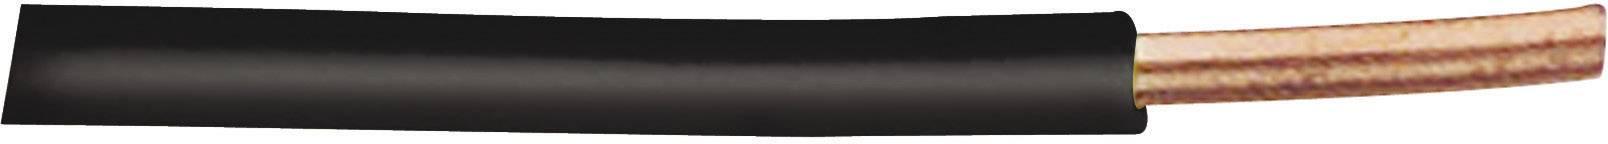 Drátové vedení XBK-Kabel H07V-U, 1x 2,50 mm², PVC, 4 mm², Ø 4,10 mm, 1 m, šedá